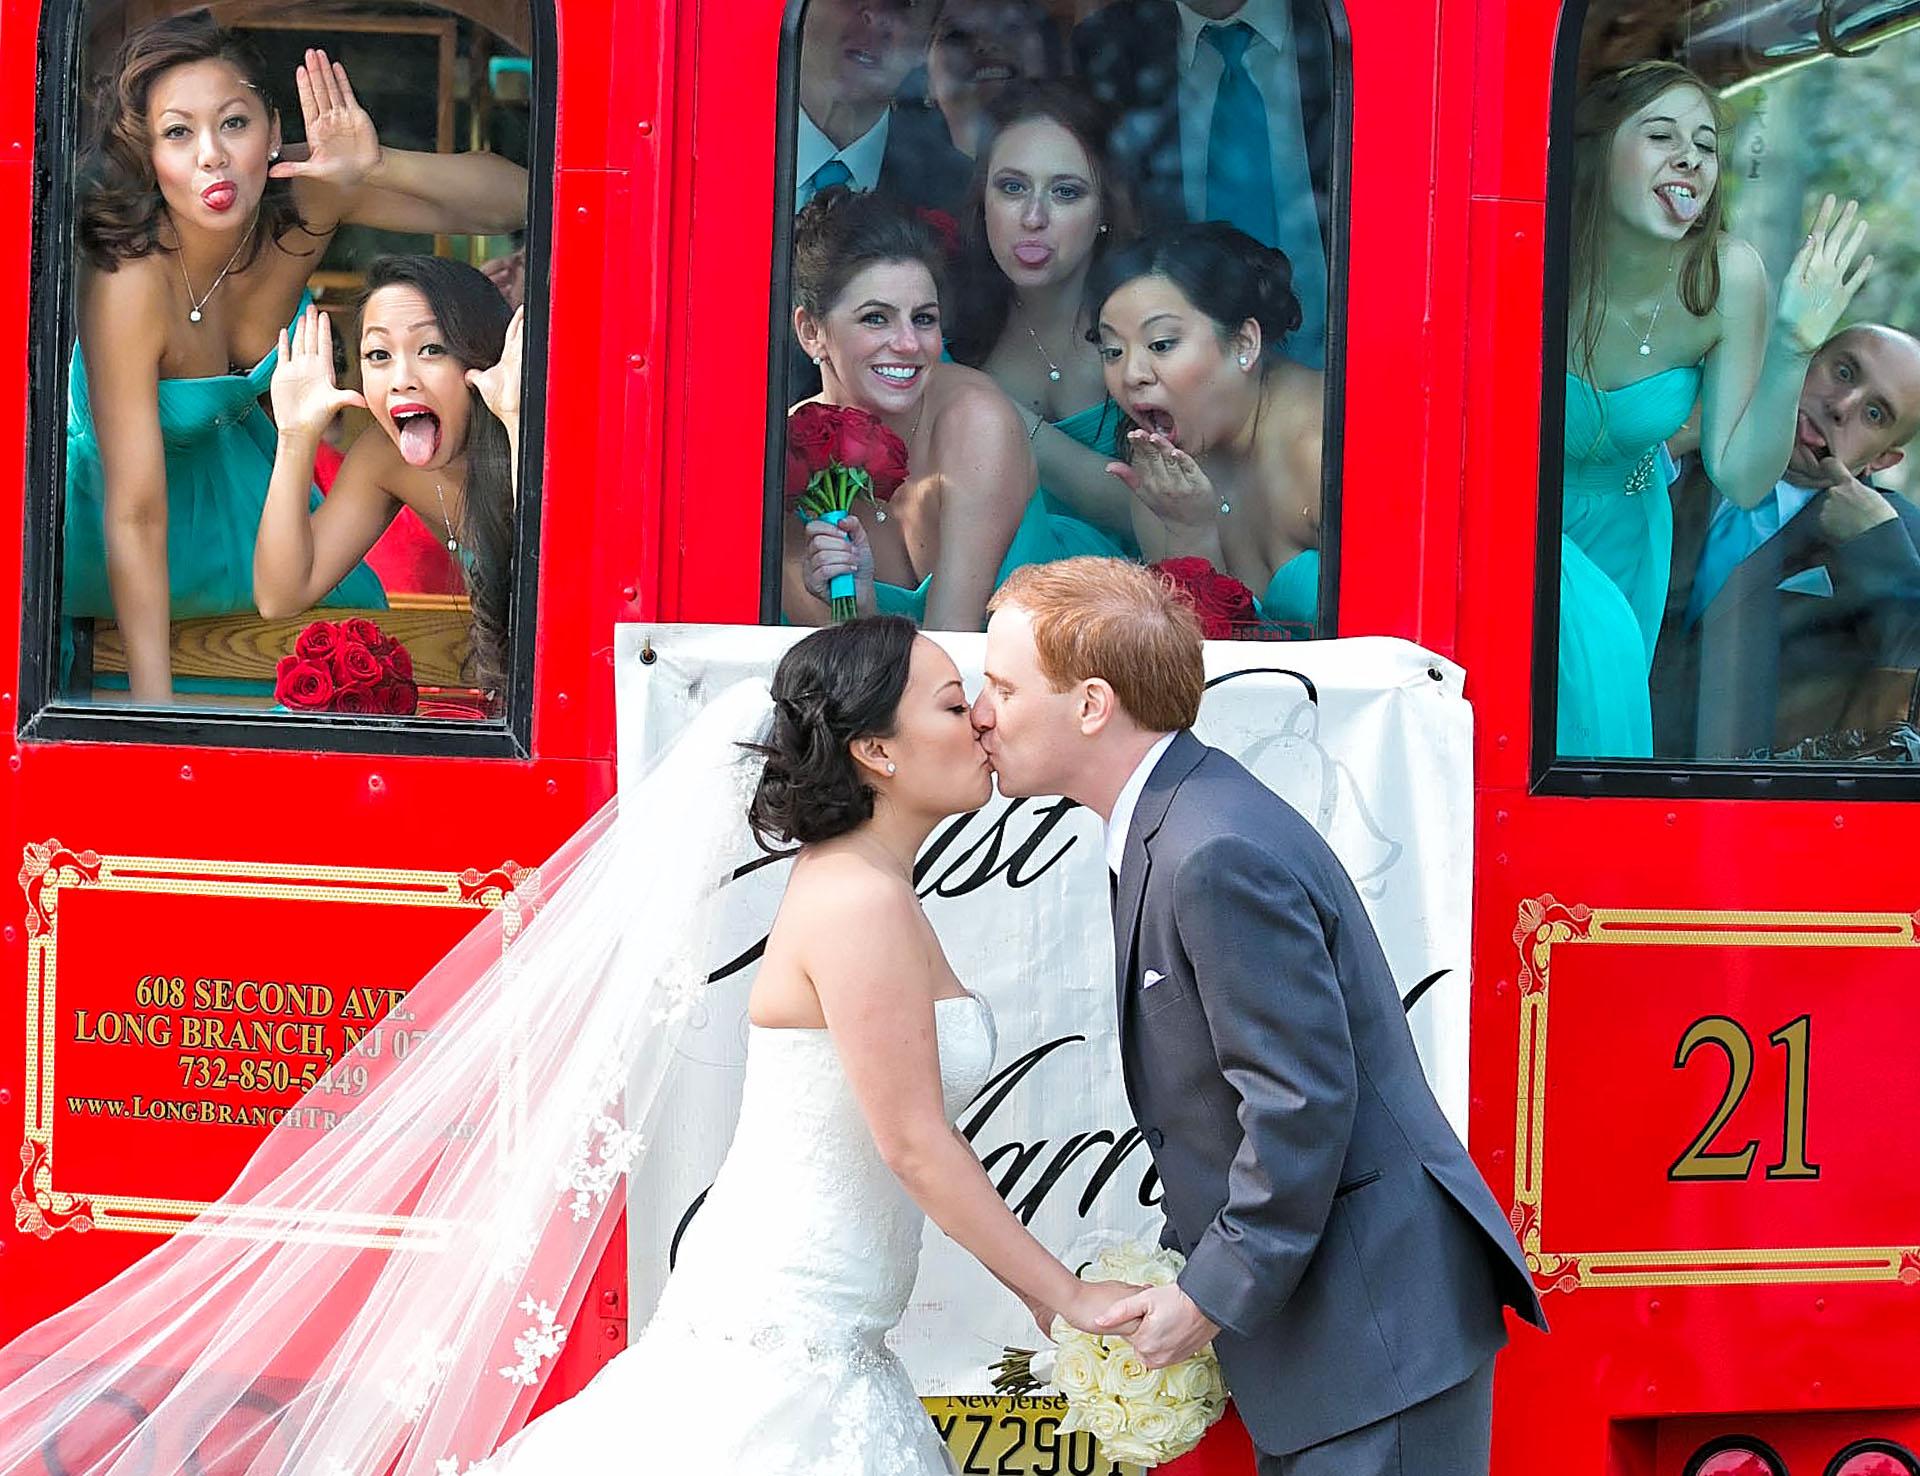 BREAKERS WEDDING 28 2